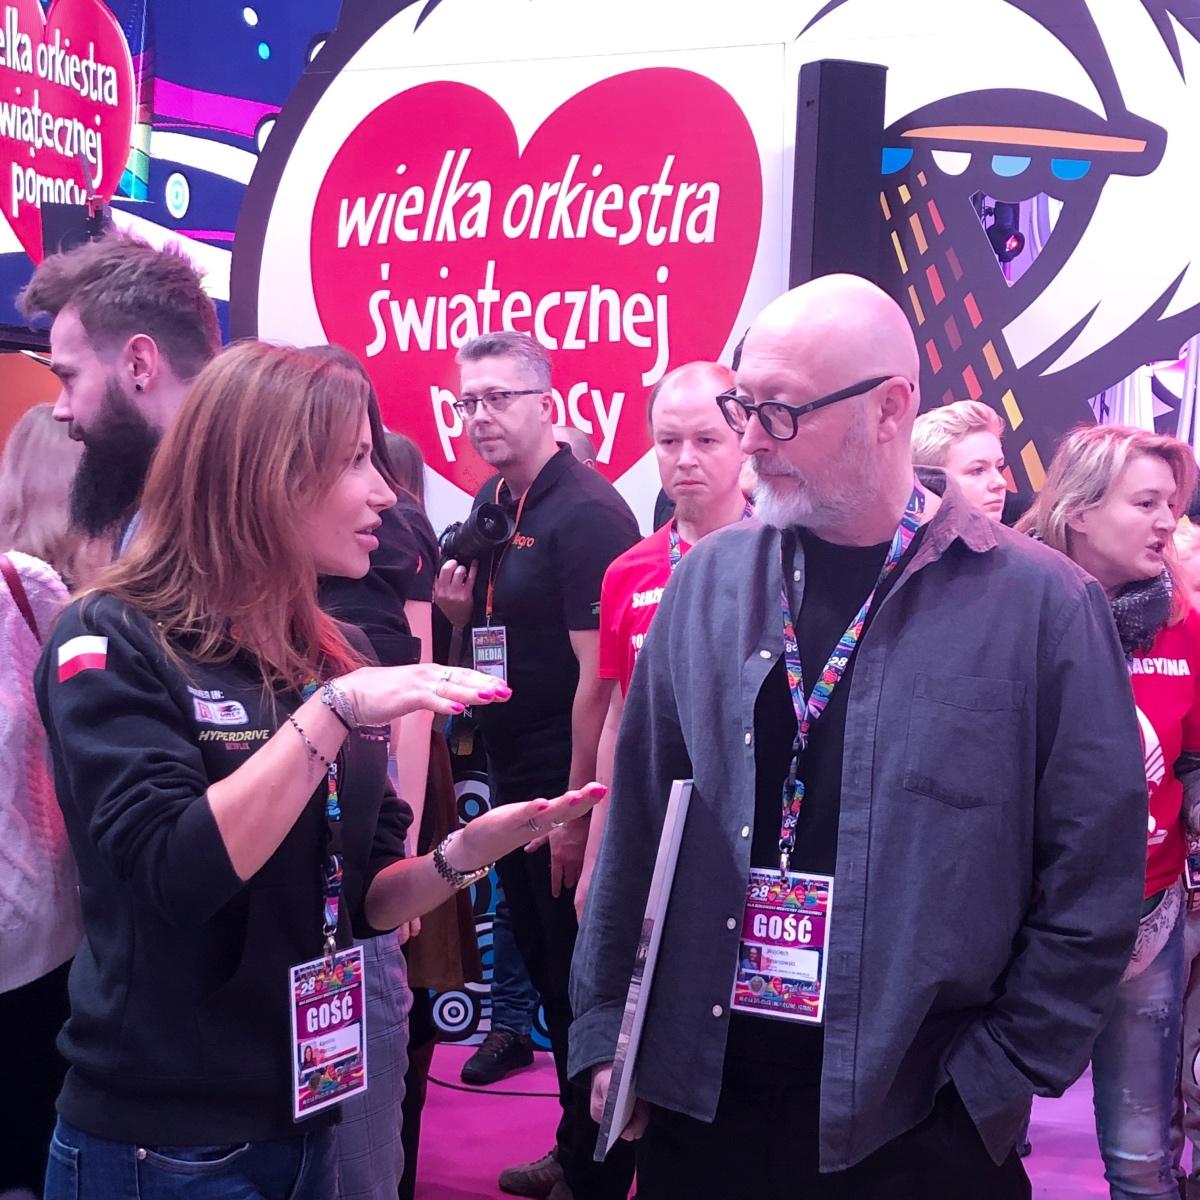 BlogStar: Trzy razy na tak dla Orkiestry - BlogStar.pl